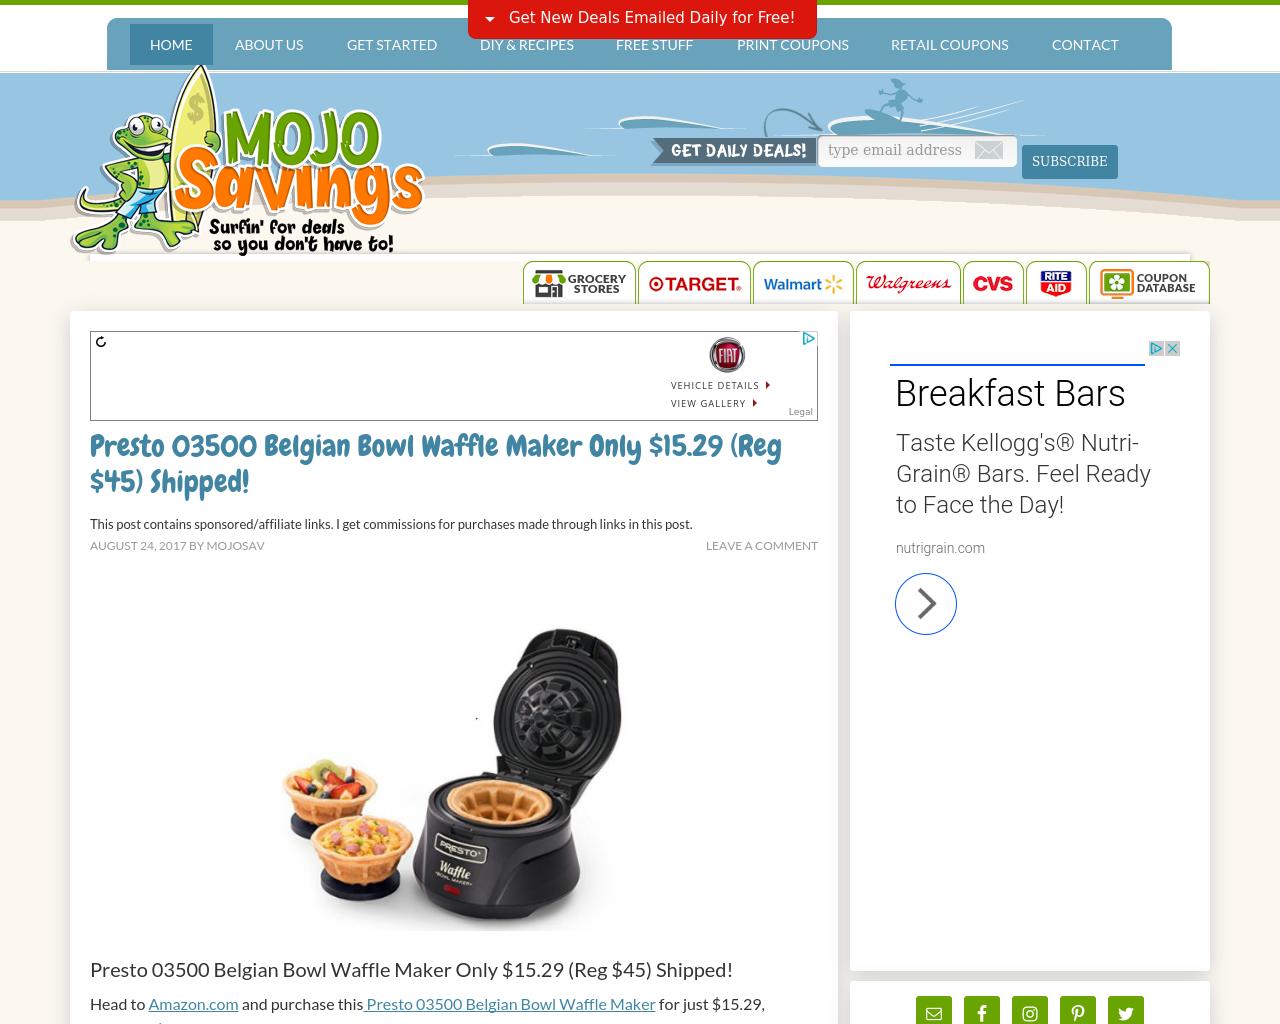 Mojo-Savings-Advertising-Reviews-Pricing